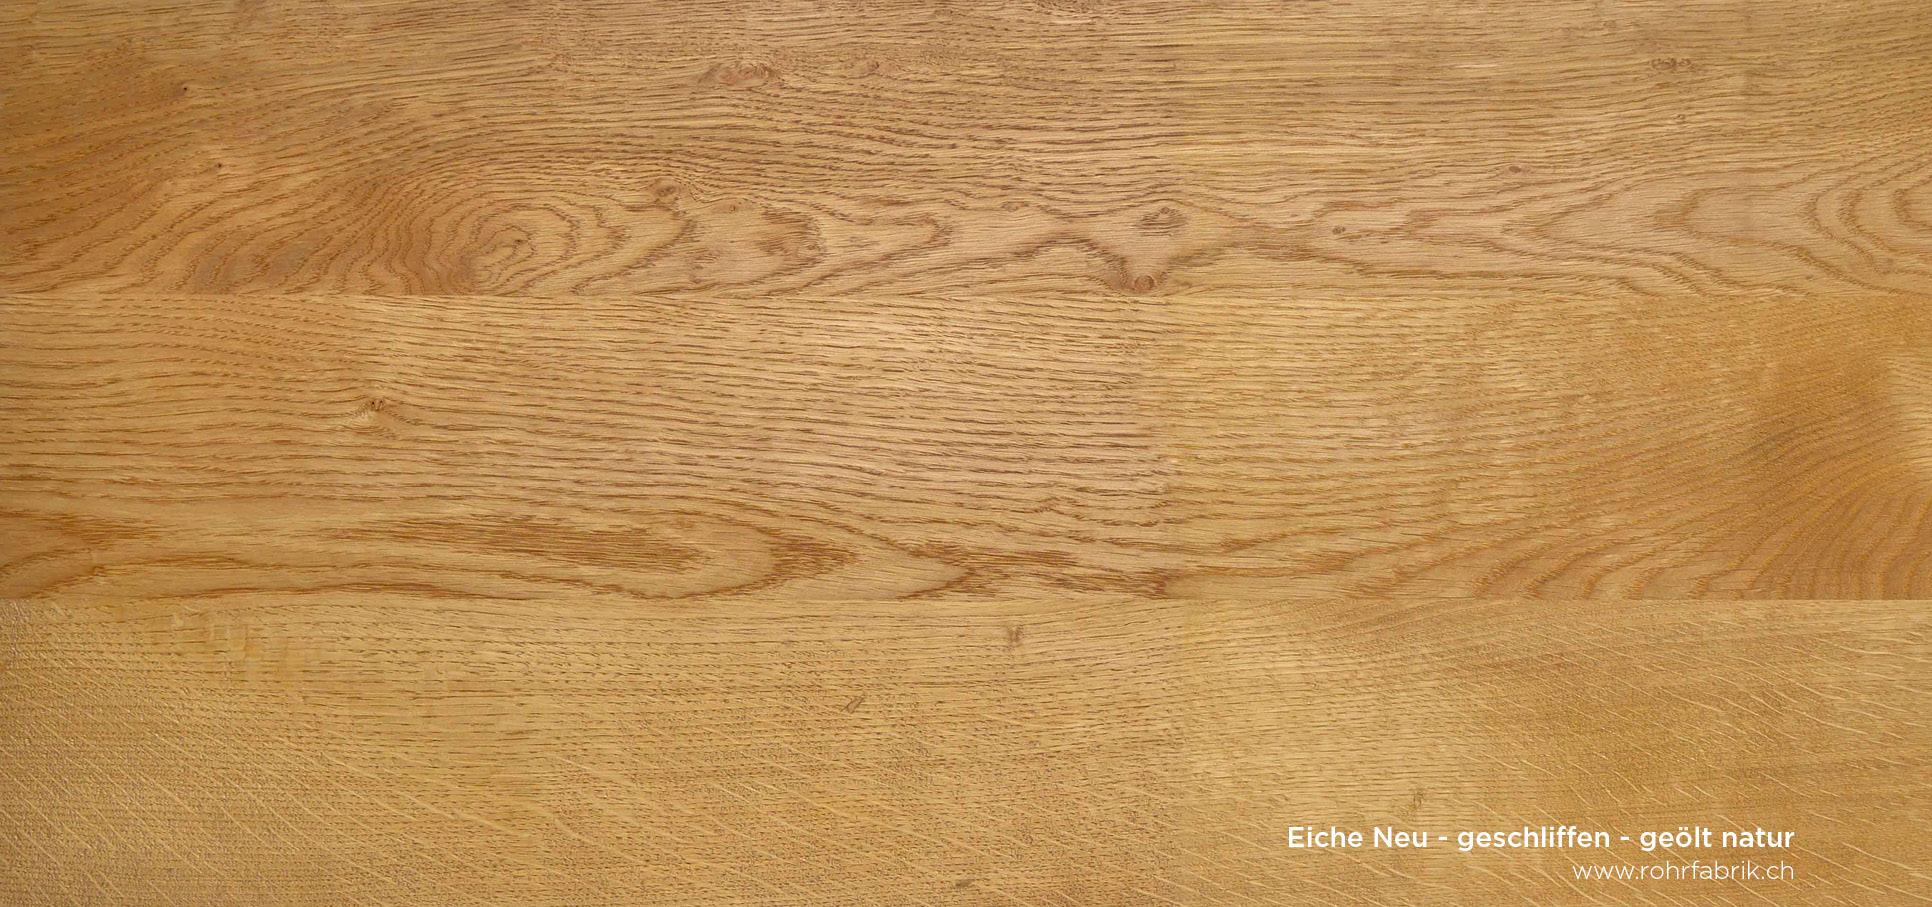 rohrfabrik-massivholz-tablar-eiche-neu-geschliffen - geoelt-natur-design-metall-wasserrohr.jpg